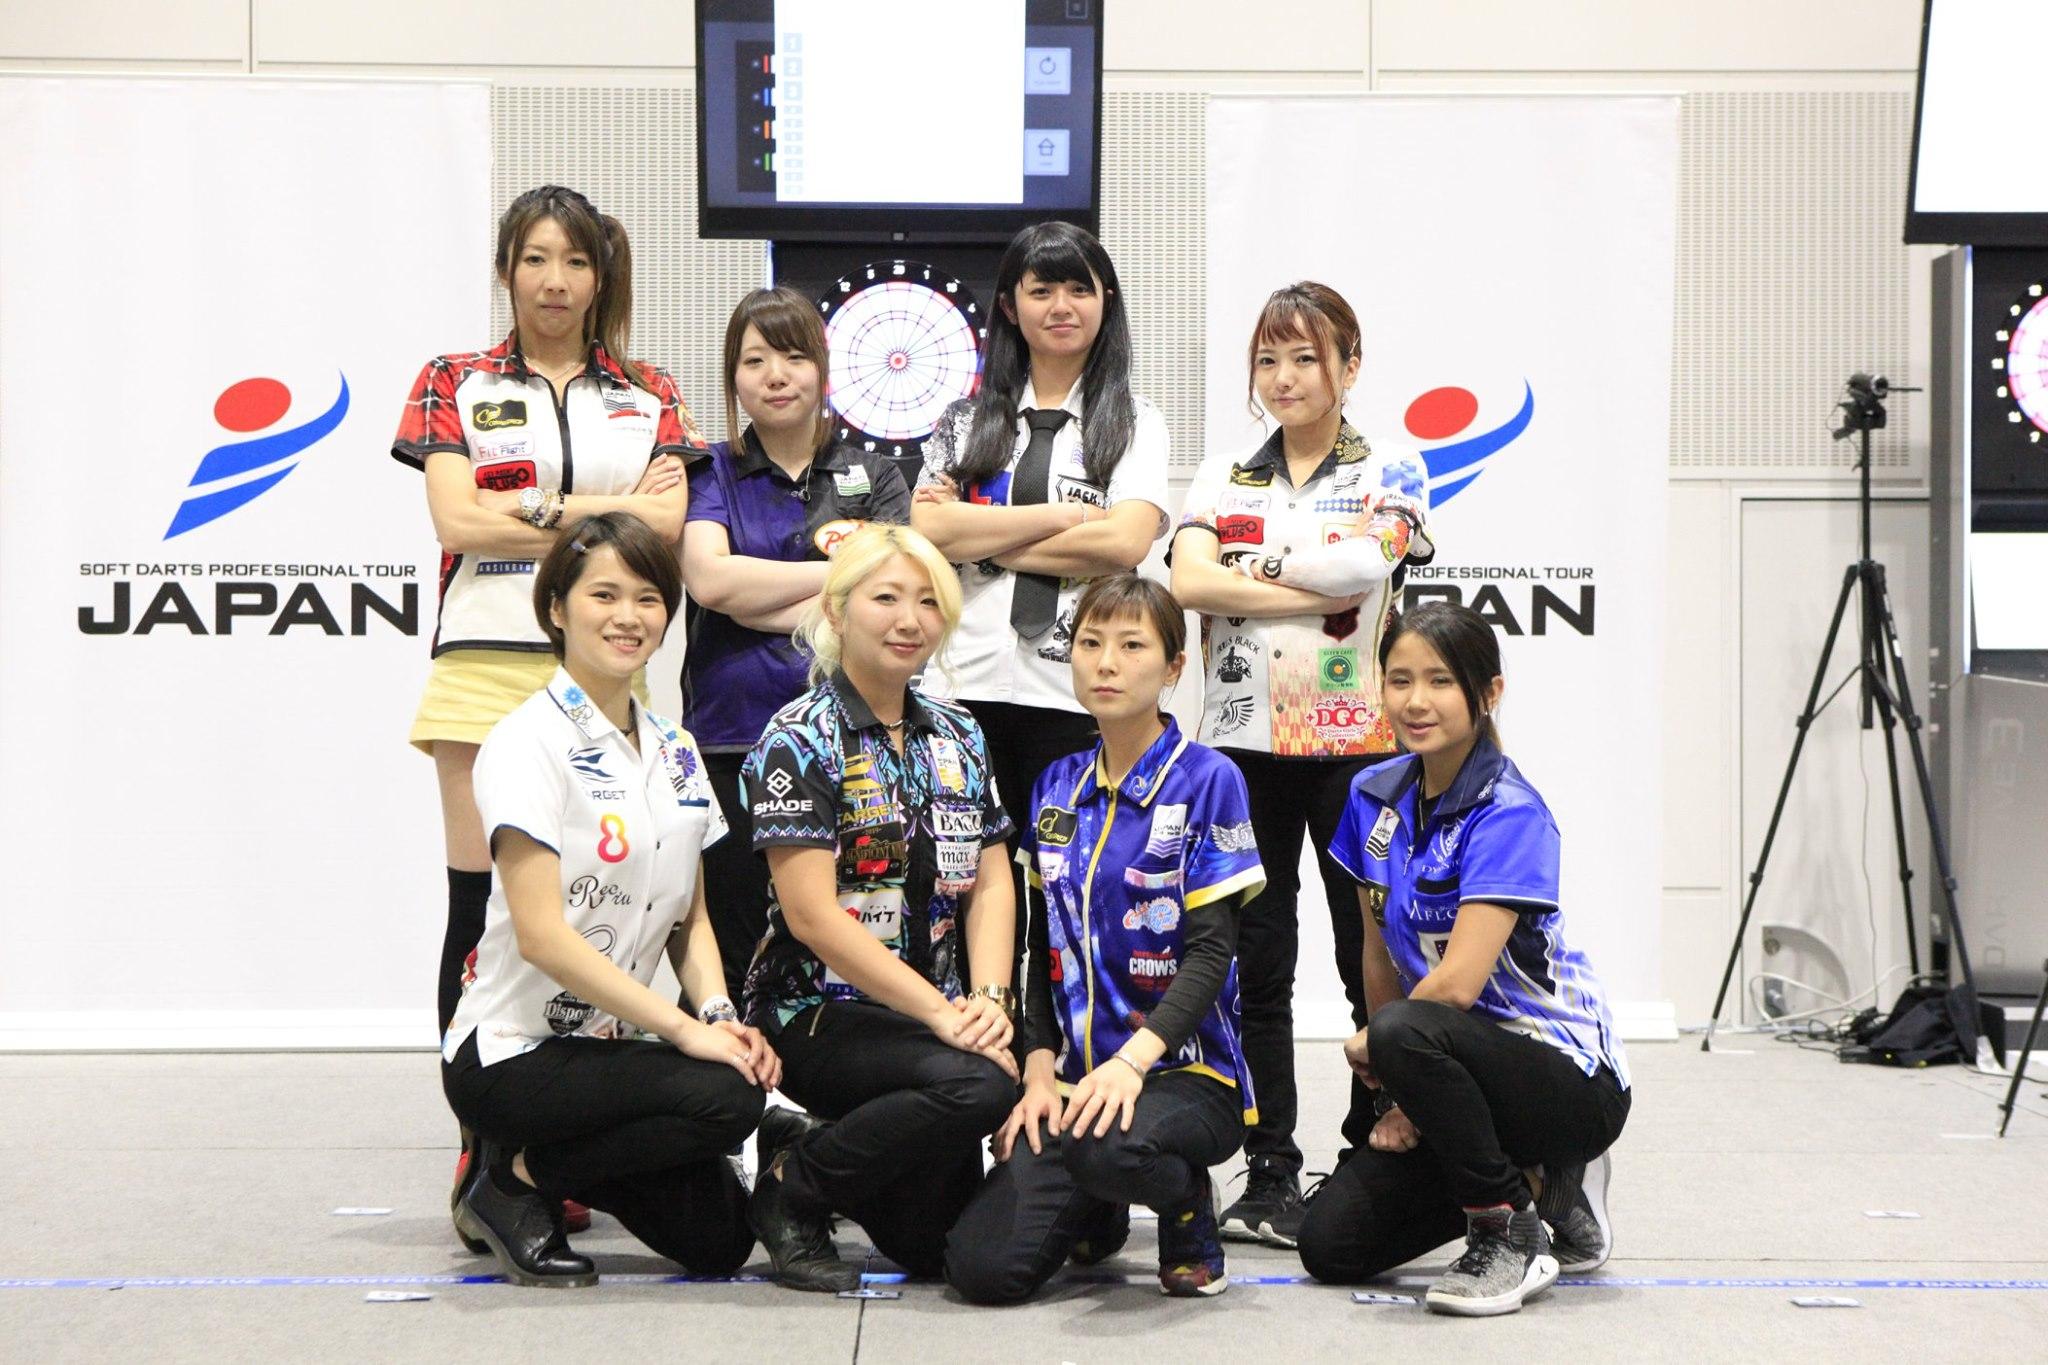 【JAPAN 2019】STAGE 5 新潟:JAPAN LADIES 8